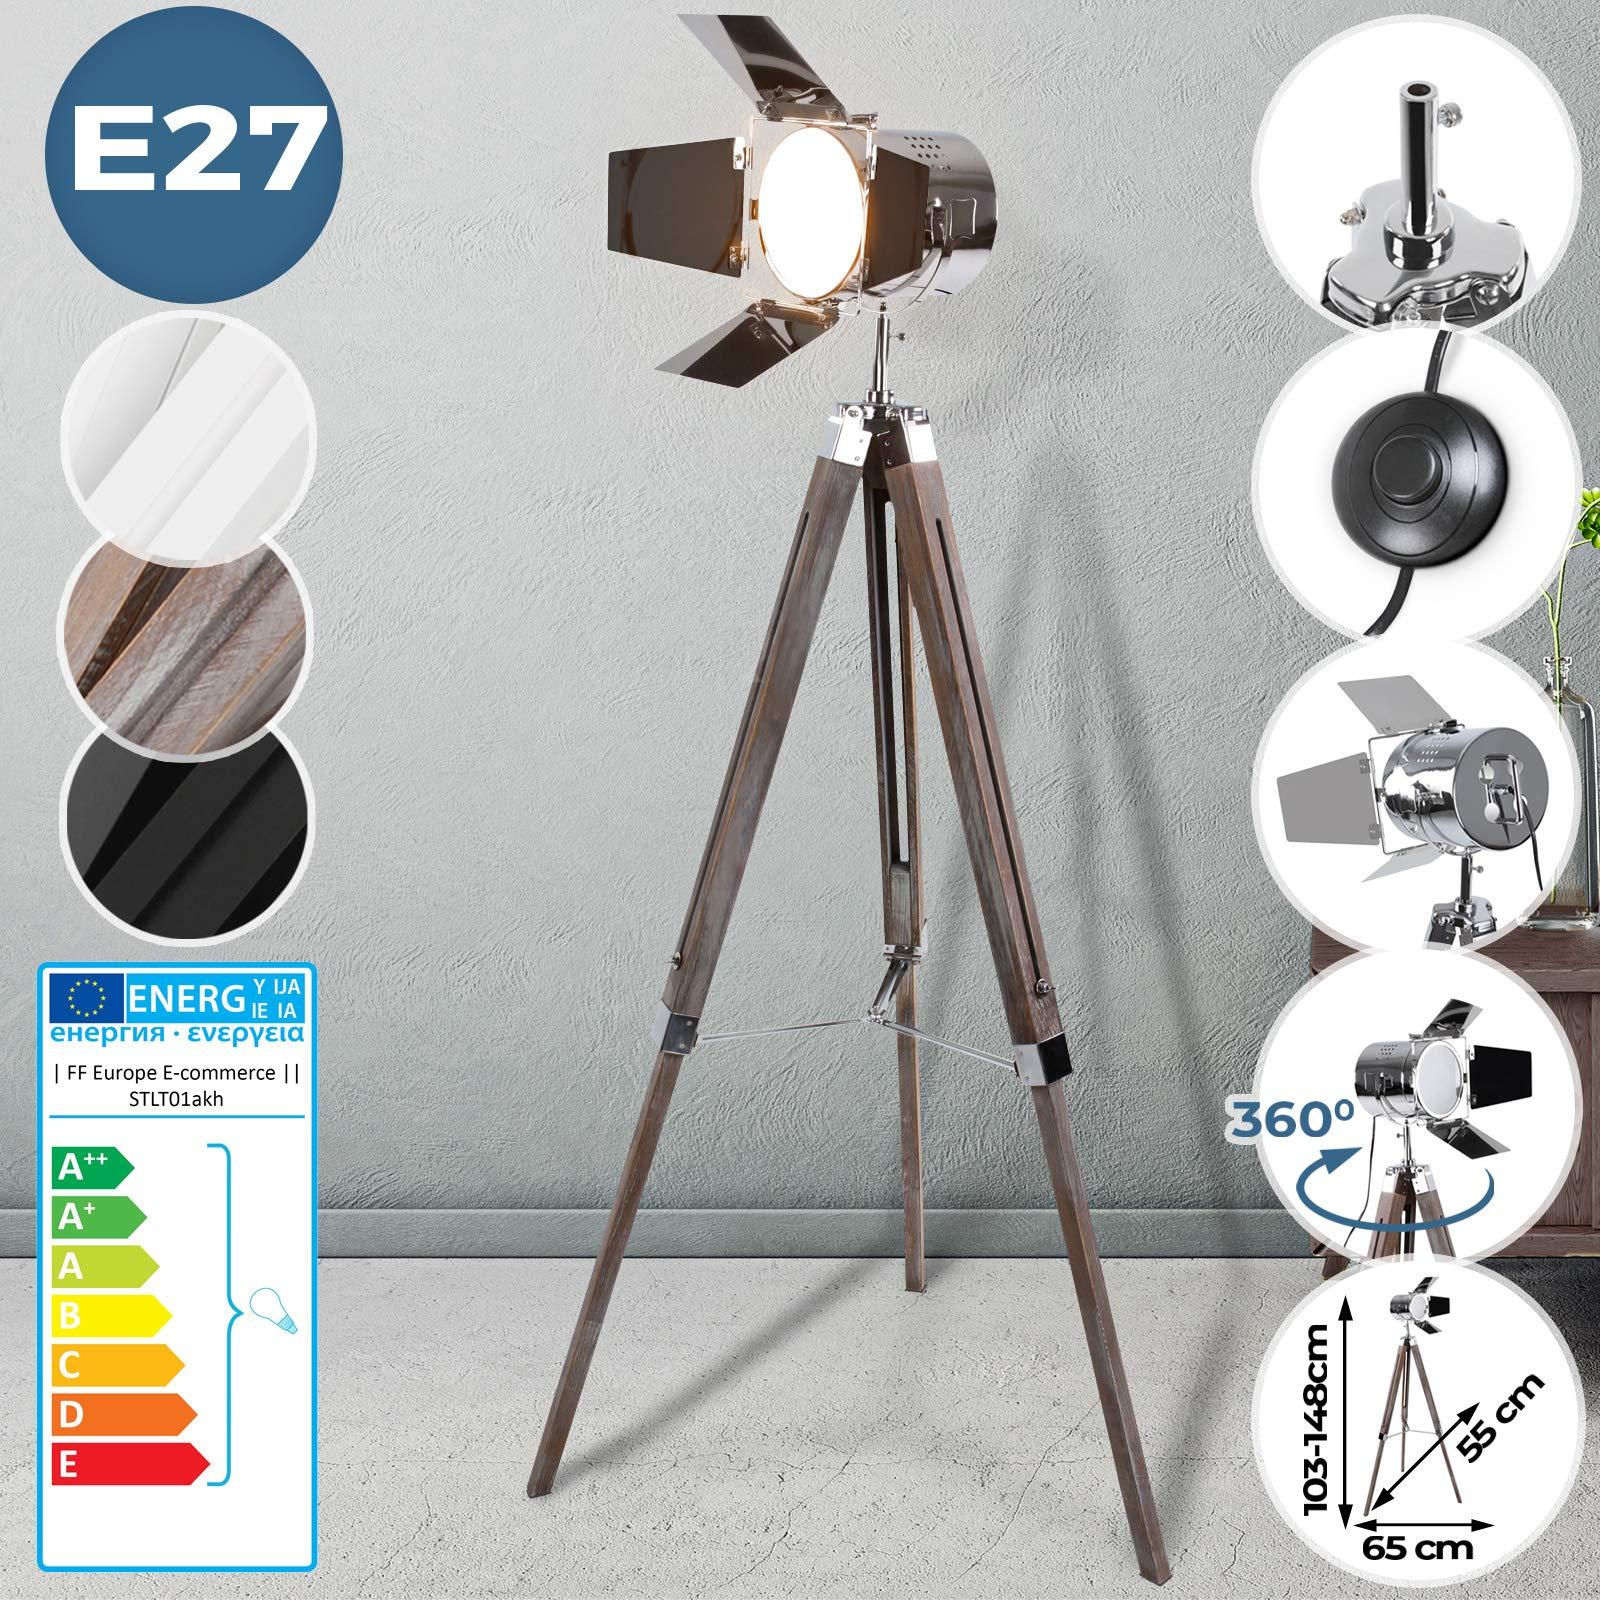 Lámpara de Pie Proyector con Trípode de Madera - CEE: A++ a E ...